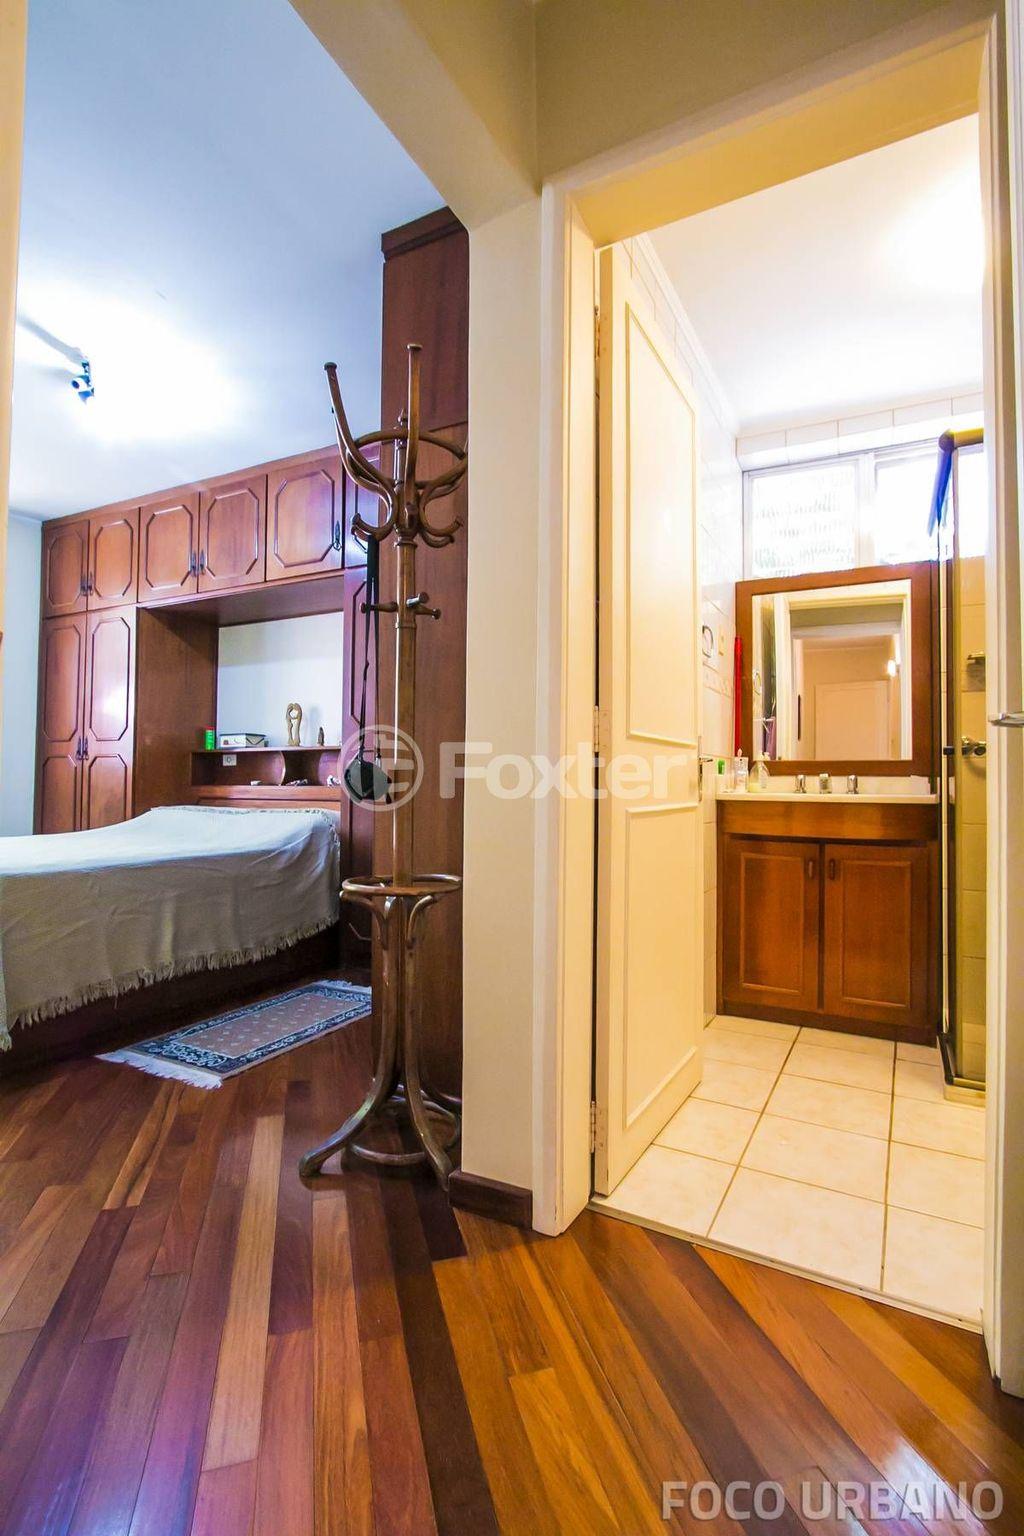 Foxter Imobiliária - Casa 7 Dorm, Petrópolis - Foto 14